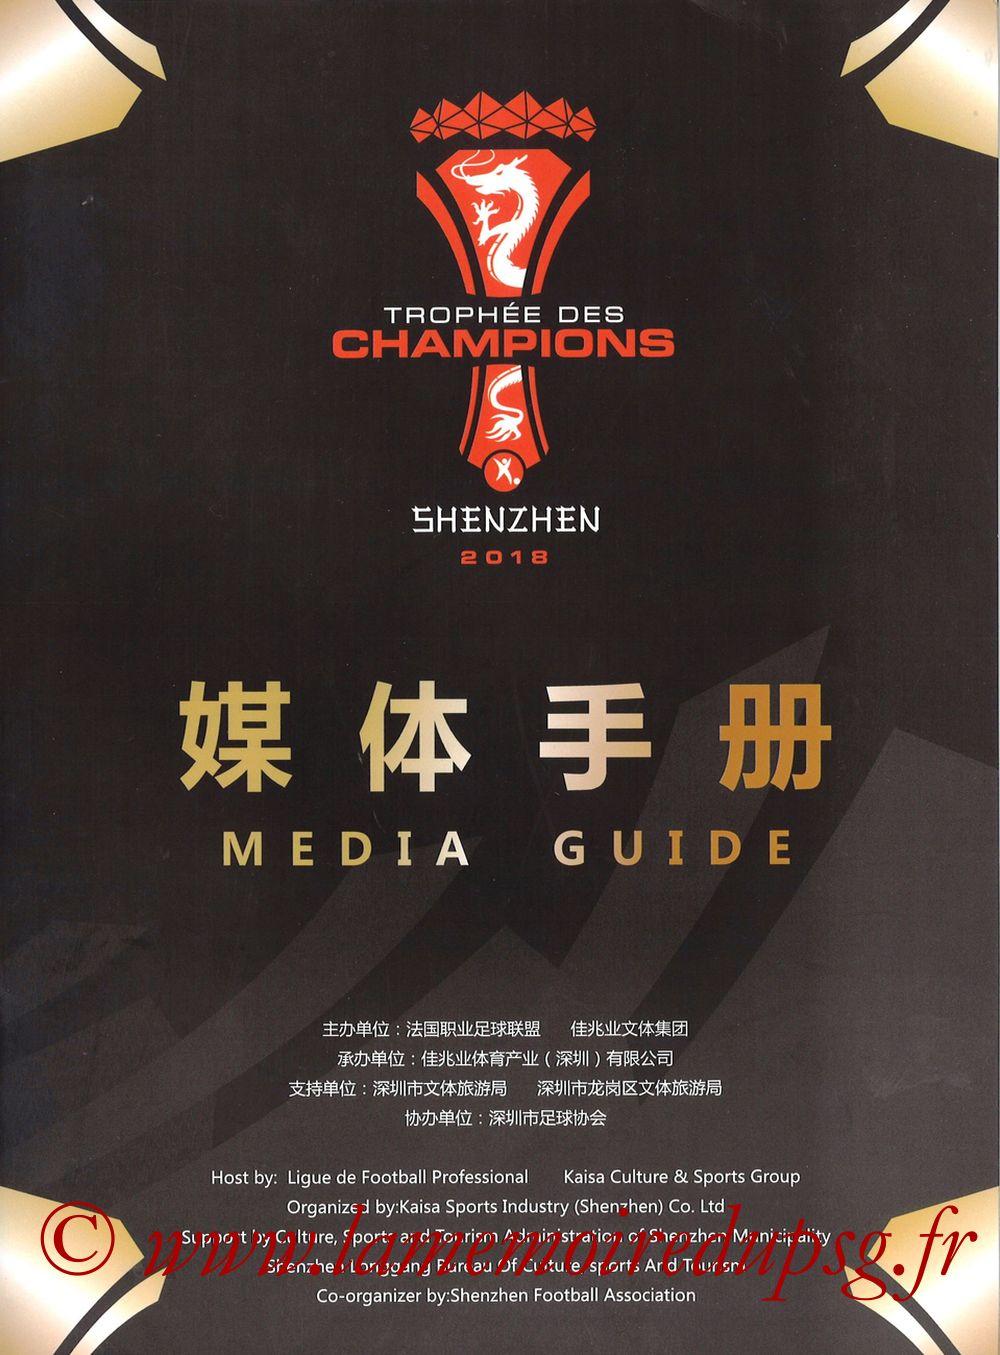 2018-08-04  PSG-Monaco (Trophée des Champions à Shenzhen, Media Guide)